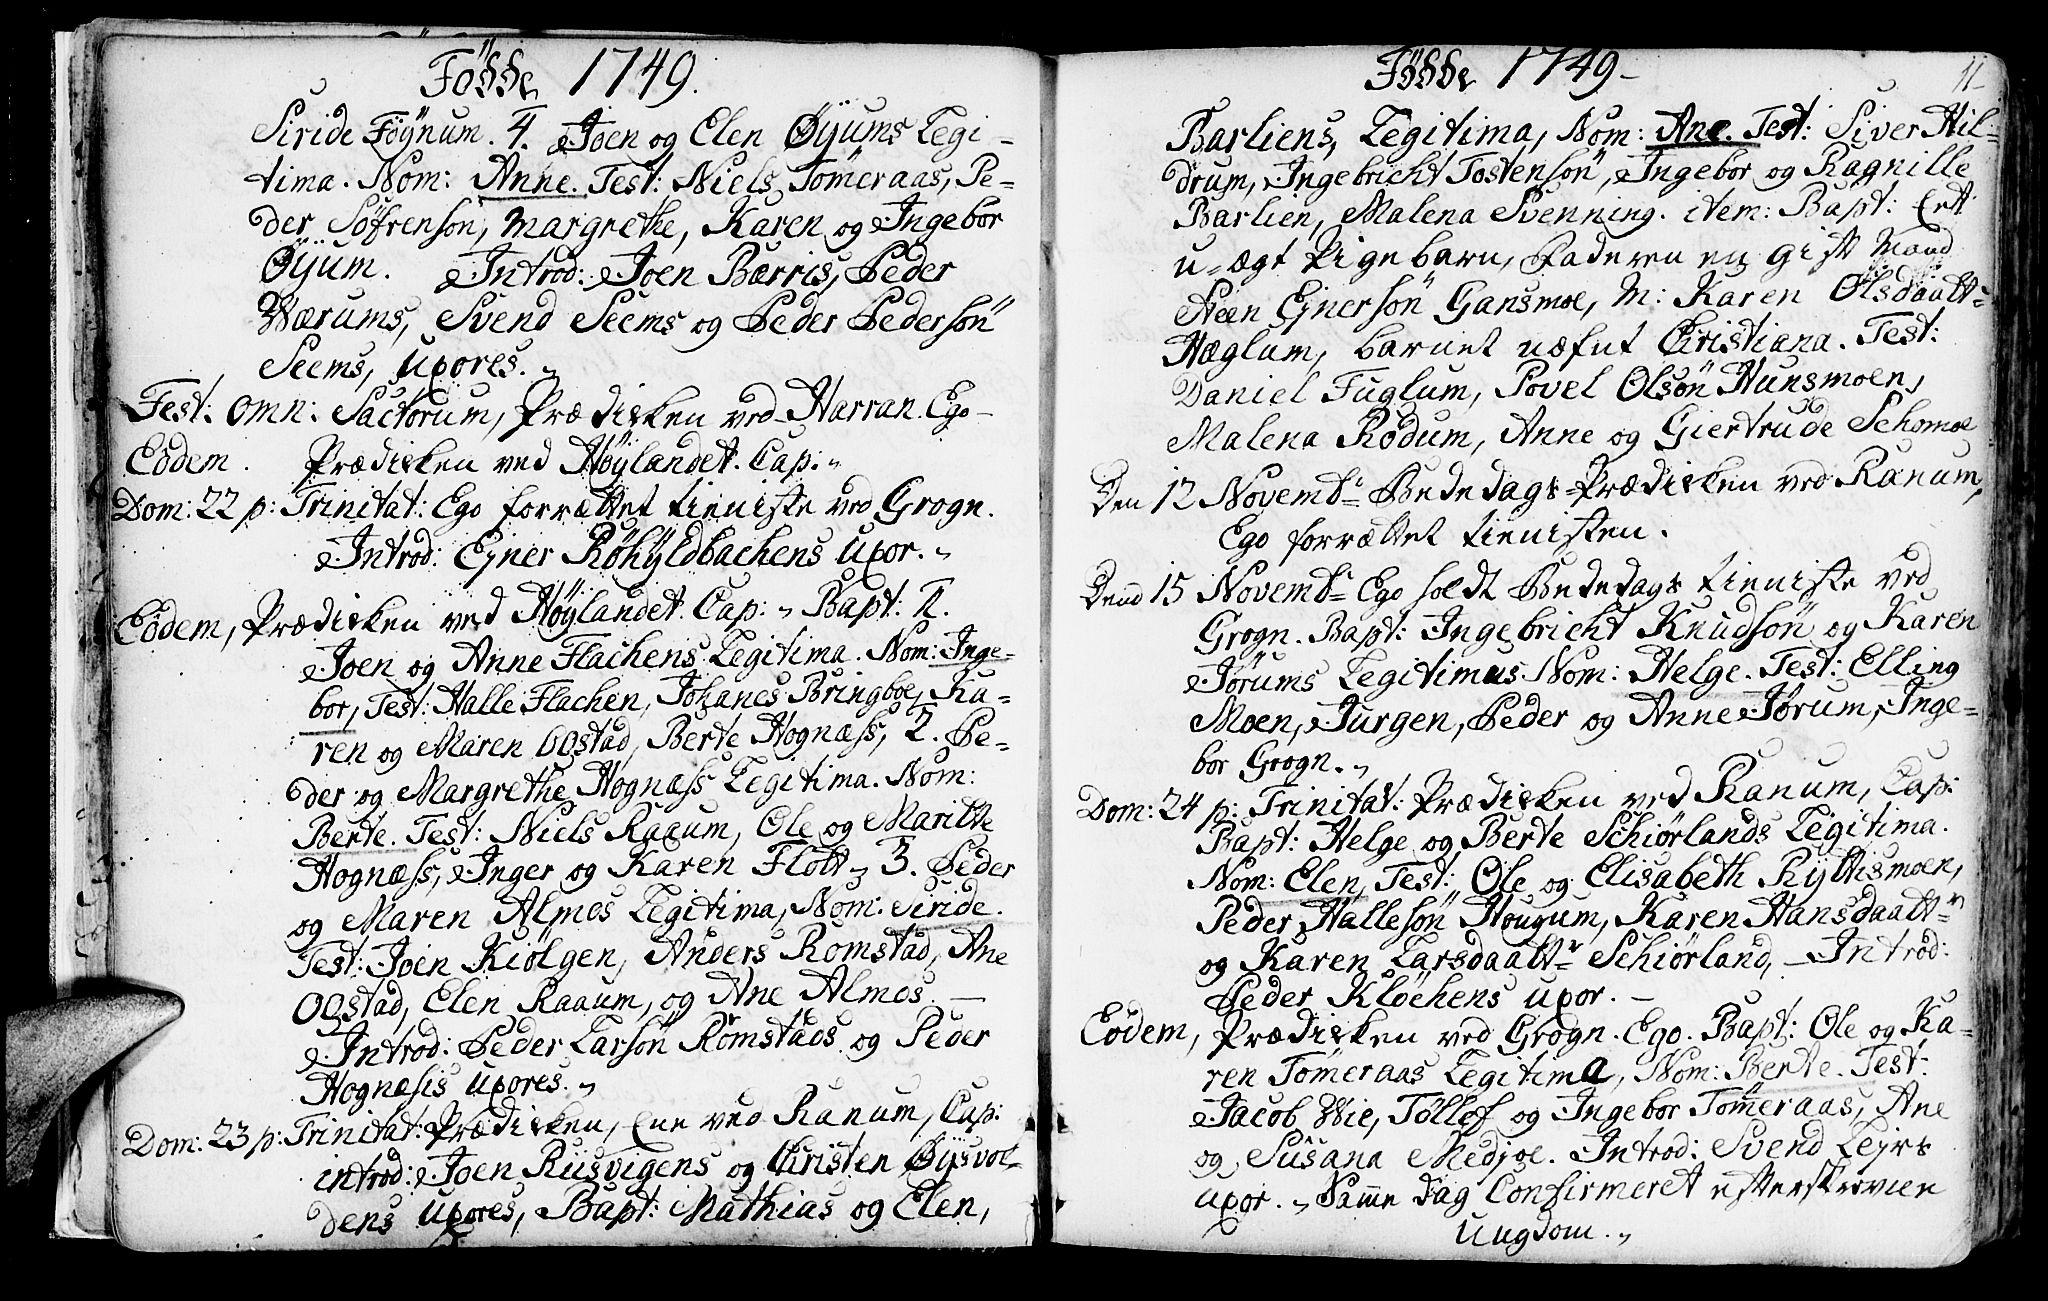 SAT, Ministerialprotokoller, klokkerbøker og fødselsregistre - Nord-Trøndelag, 764/L0542: Ministerialbok nr. 764A02, 1748-1779, s. 11